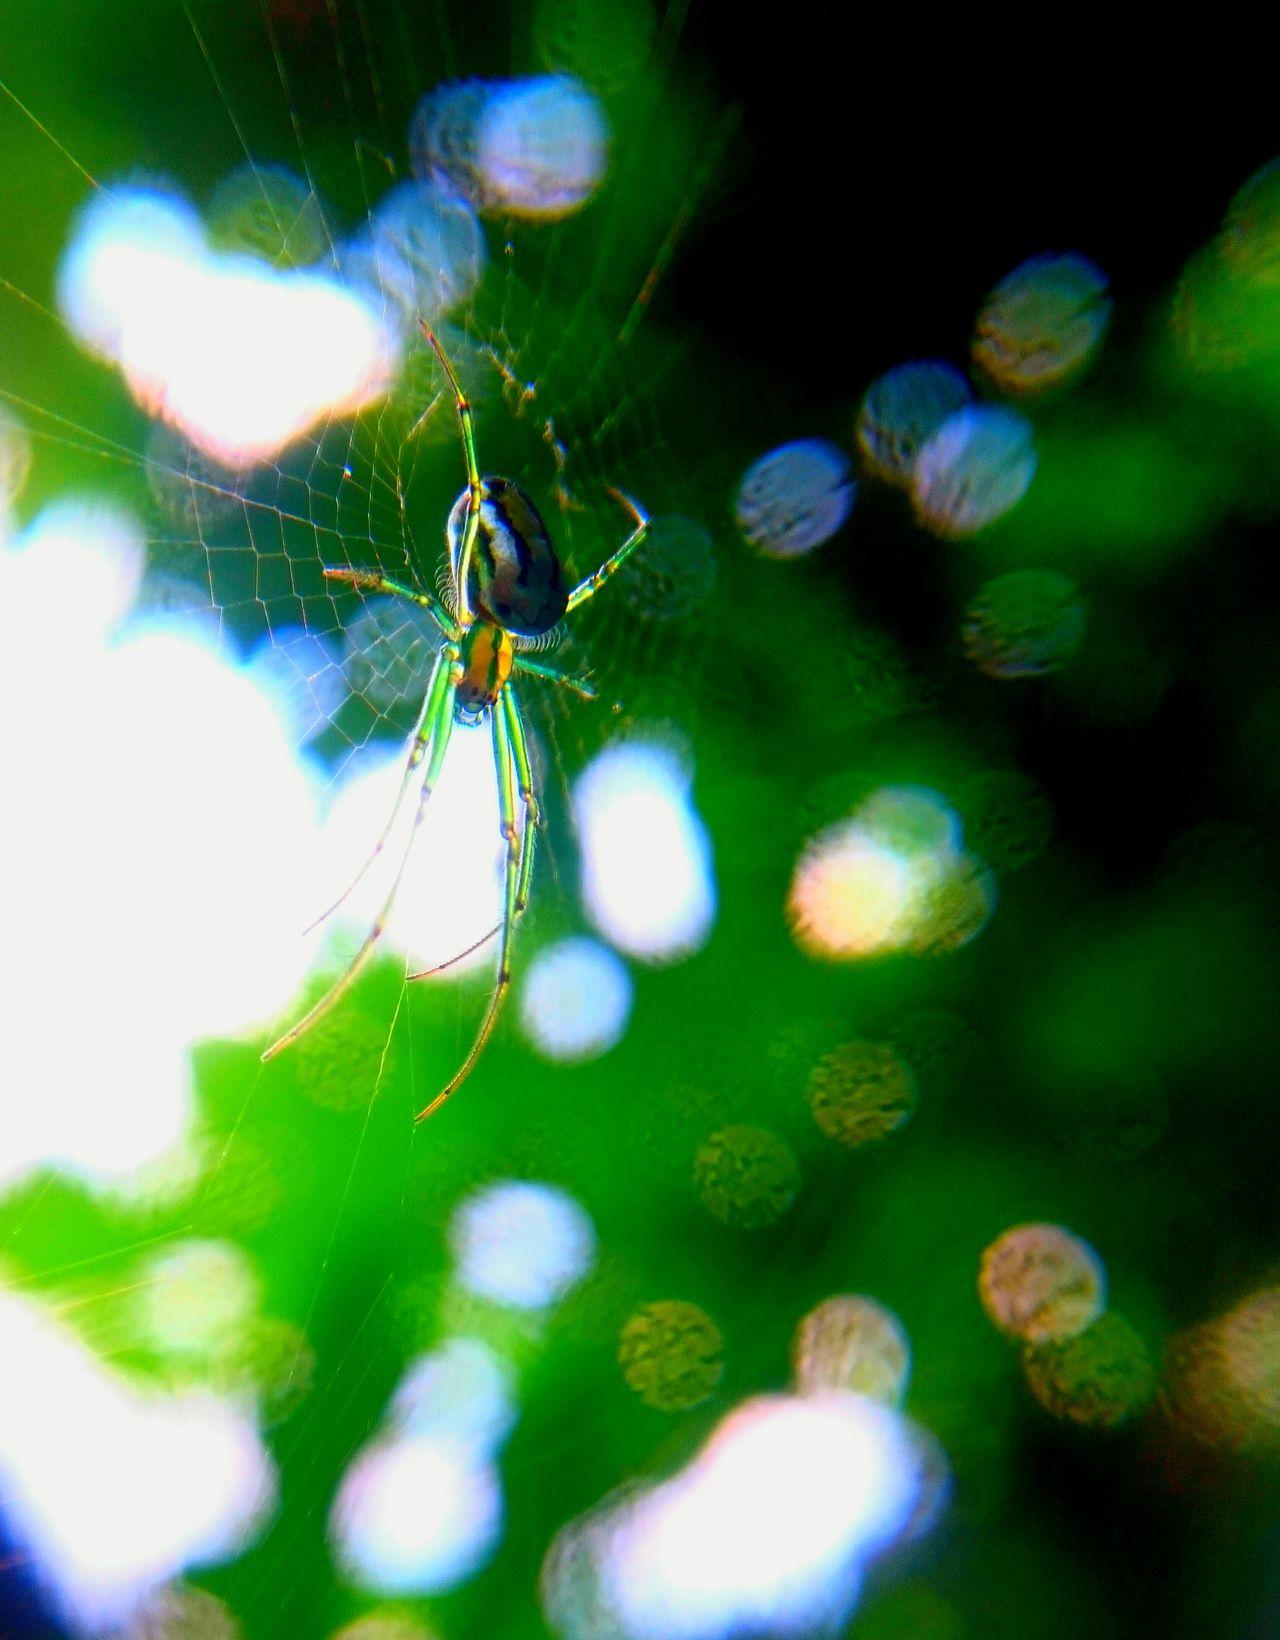 Itsy-Bitsy Spider Spiderweb EyeEm Best Shots Mobilephotography Macrophotography Arachnophobia Macro Green Greenspider Spiders Spidersweb Maximum Closeness